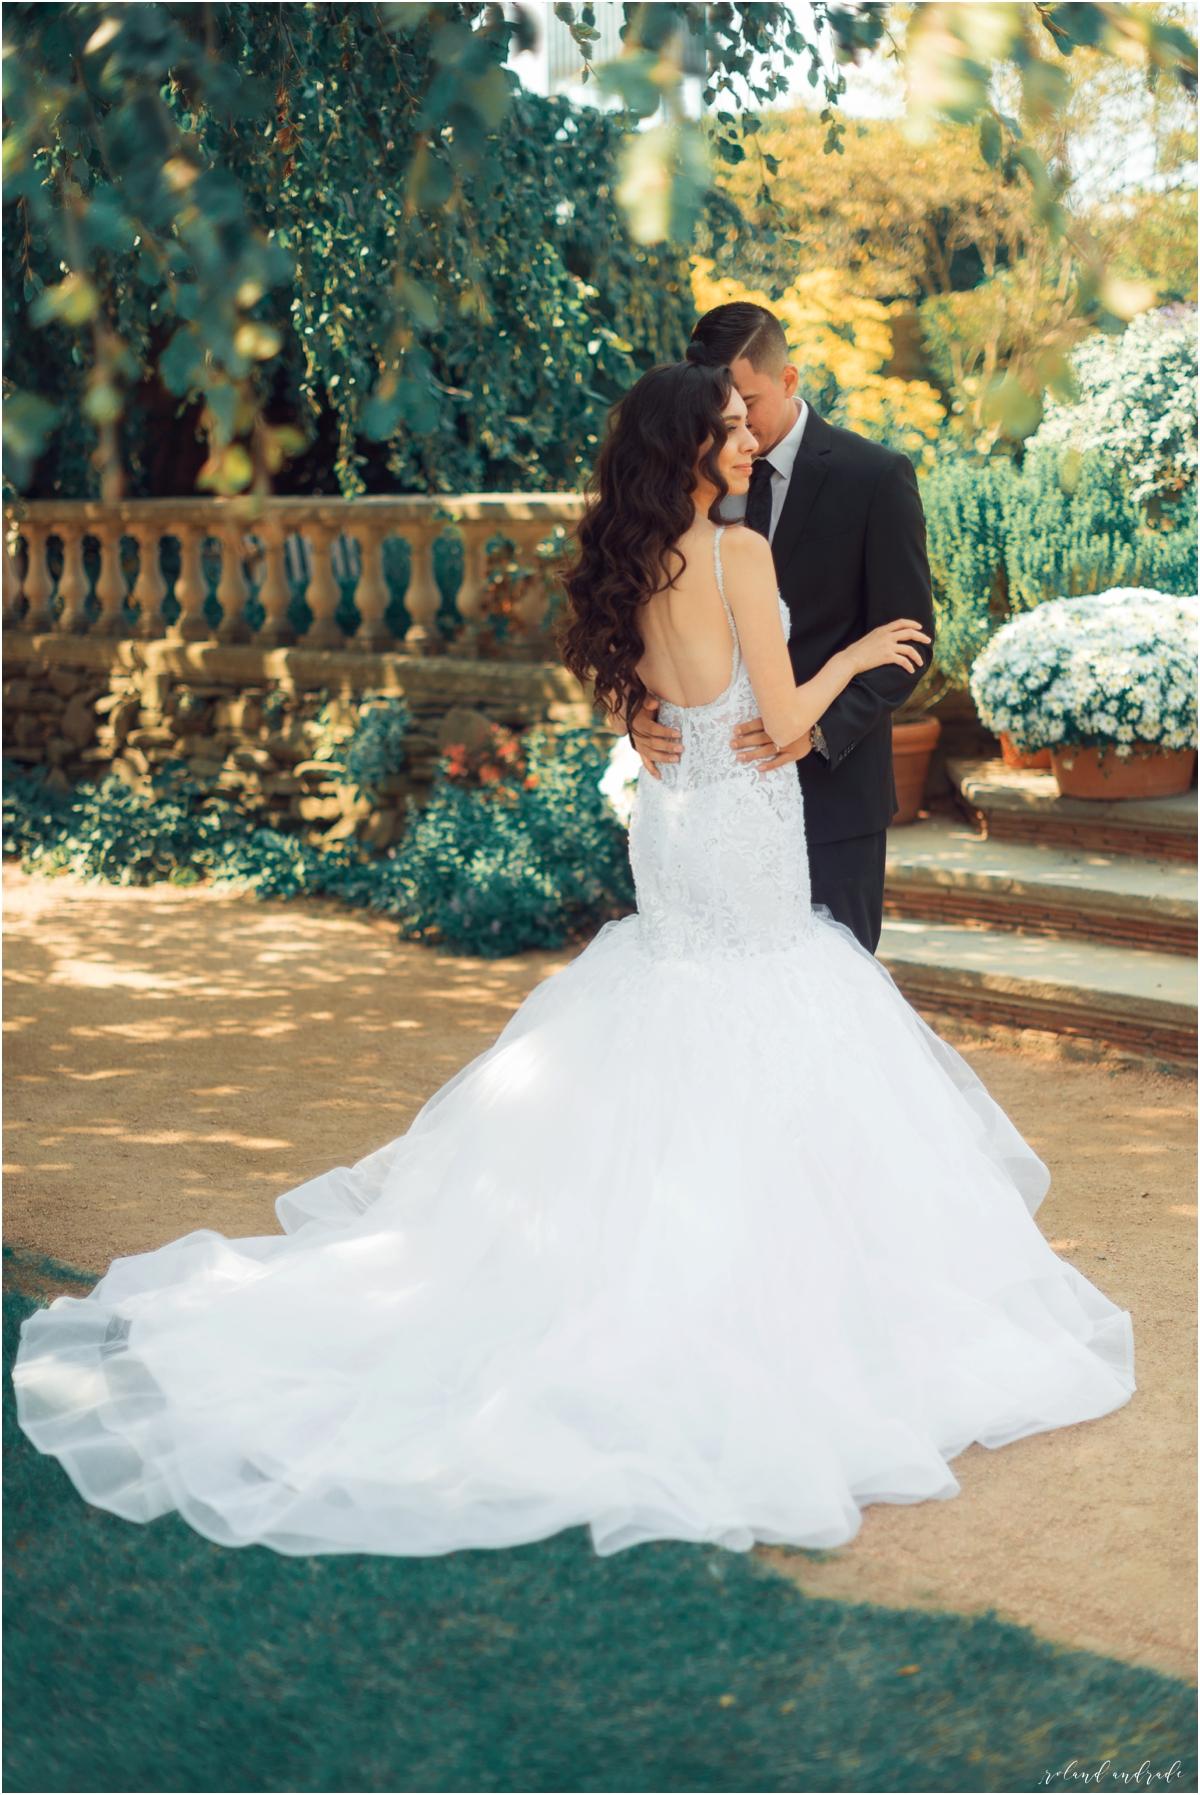 Mayra + Julian Chicago Botanic Garden Bridal Photography Chicago Wedding Photography Photographer2.jpg